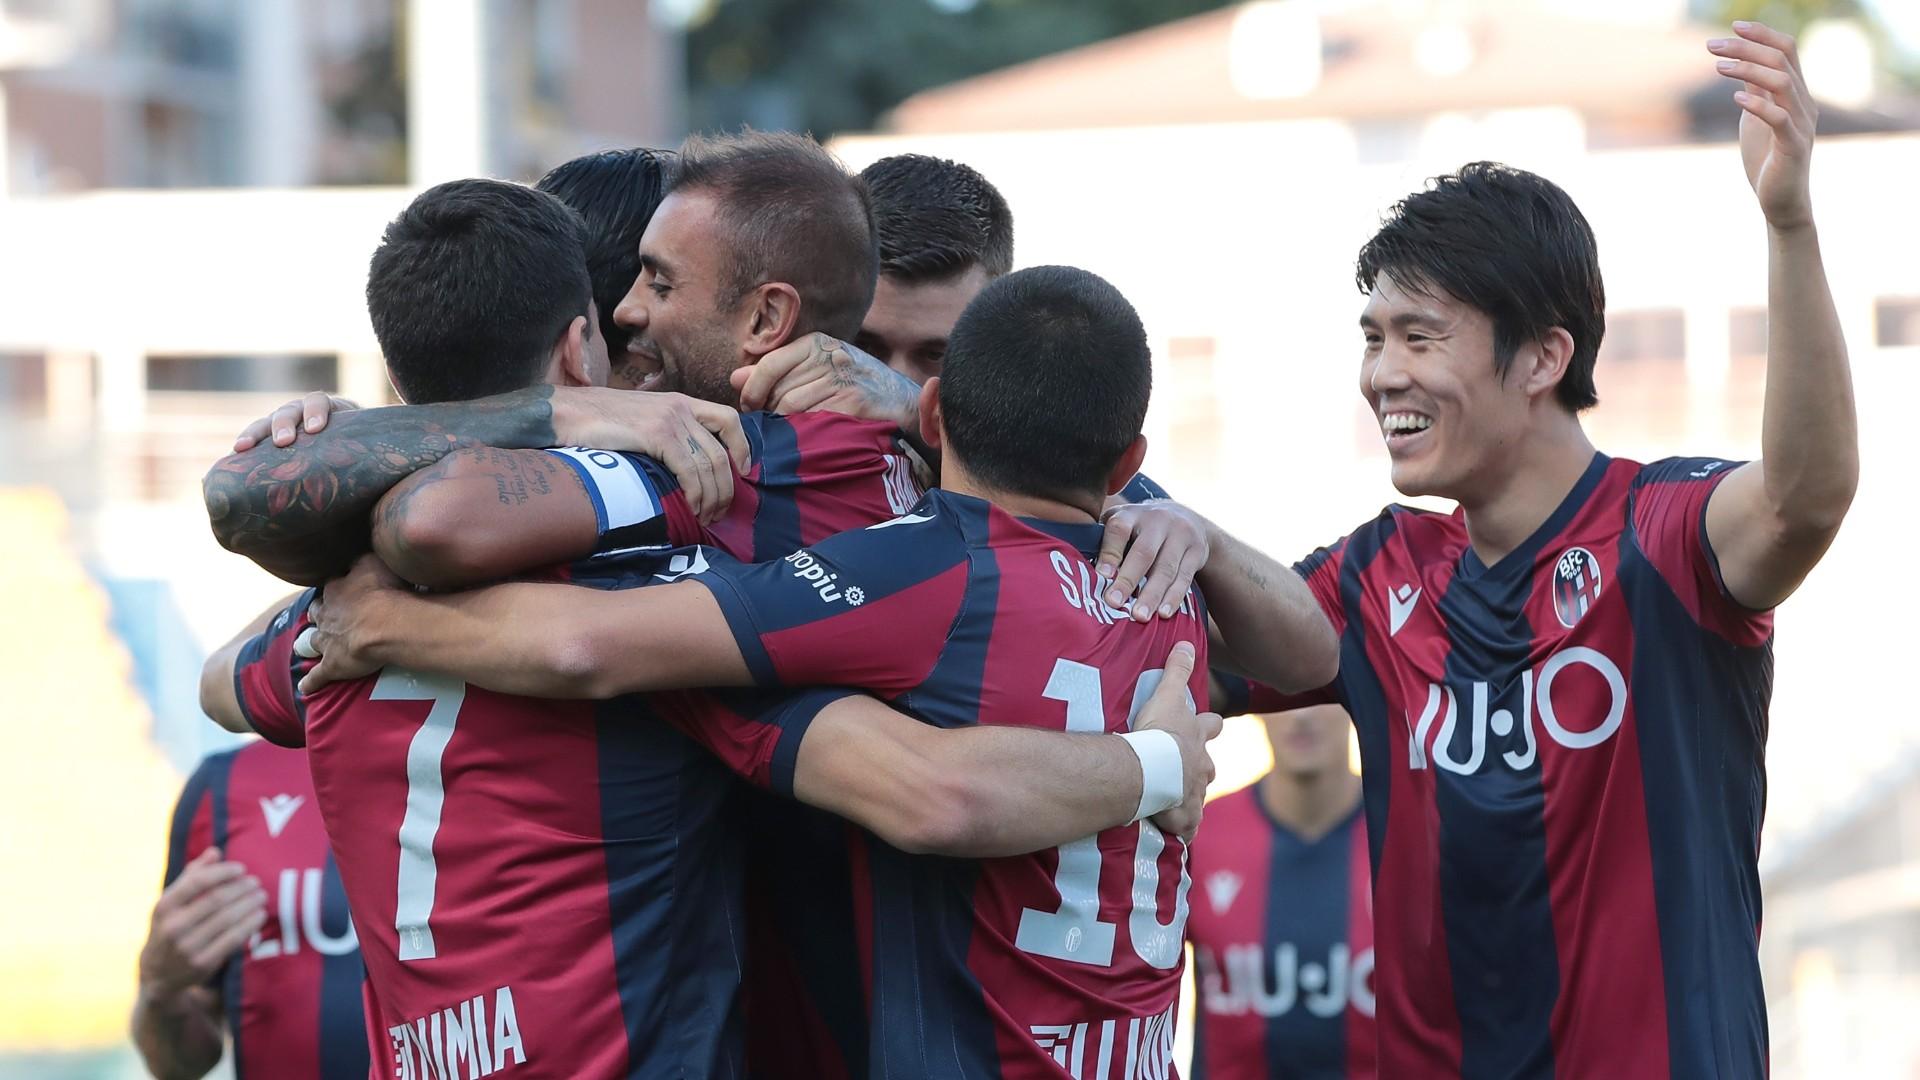 Il Bologna batte il Lecce 3-2: salentini vicini alla retrocessione